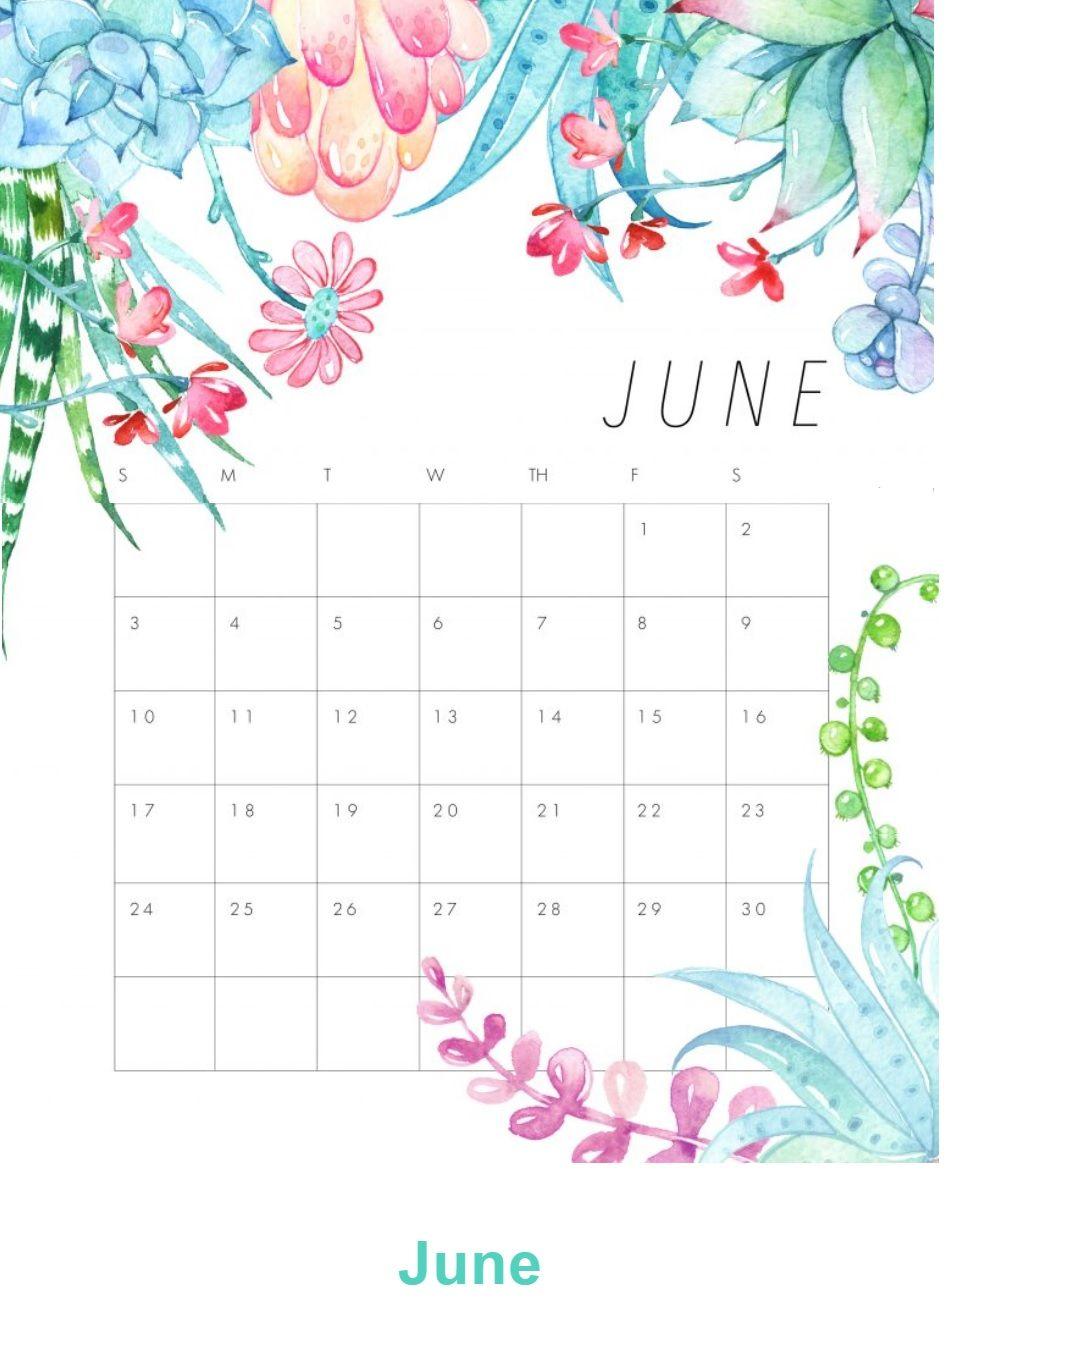 June 2018 Floral Calendar | Calendar 2018 | Pinterest | June, Desk ...